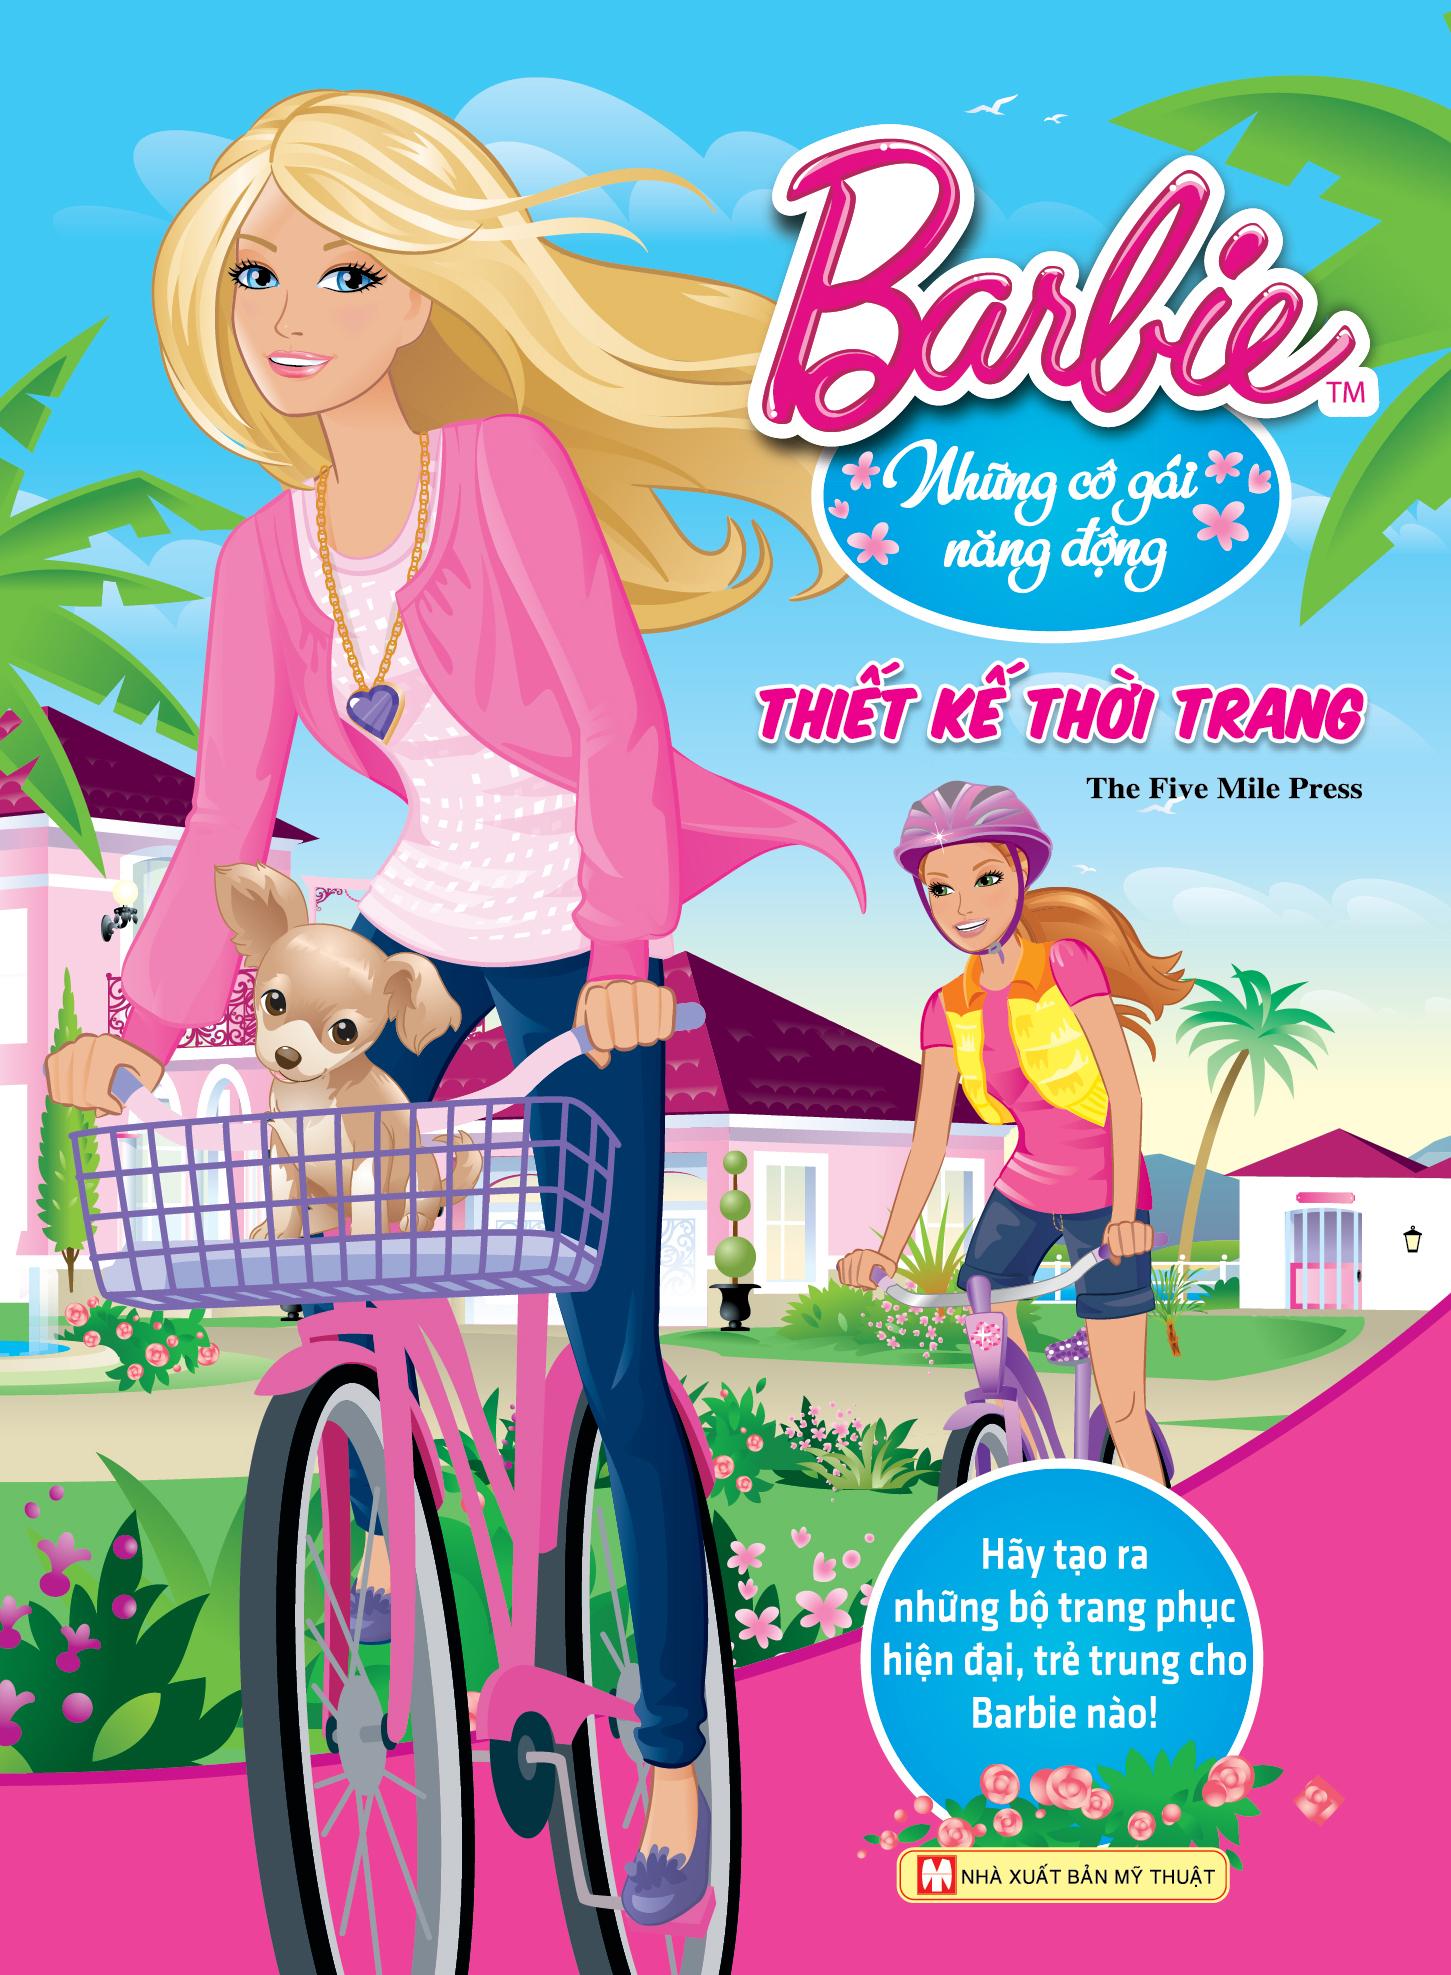 Bìa sách Barbie Thiết Kế Thời Trang - Những Cô Gái Năng Động